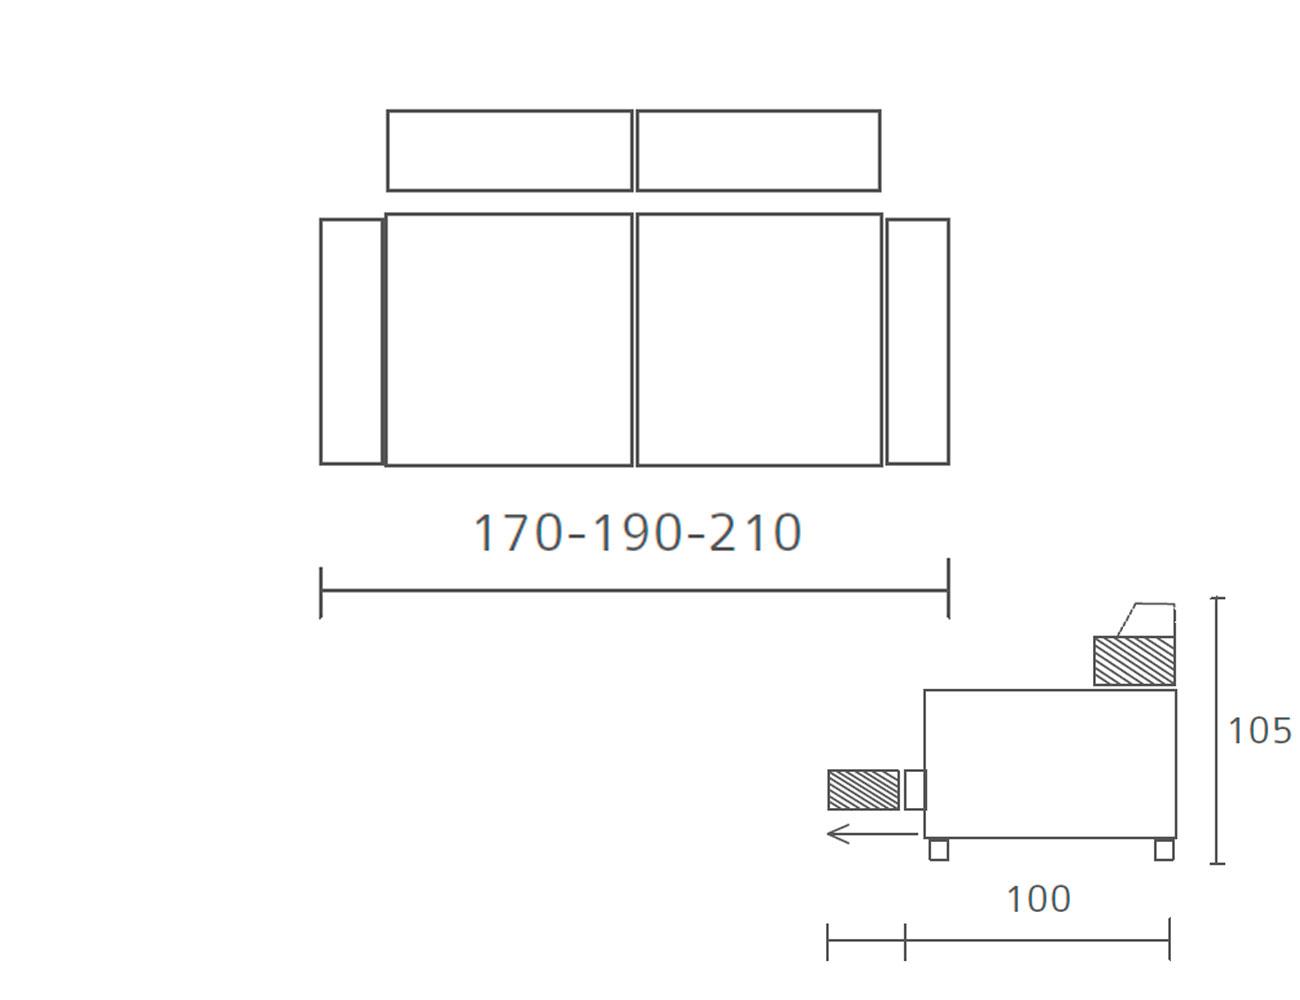 Sofa 120 190 21010